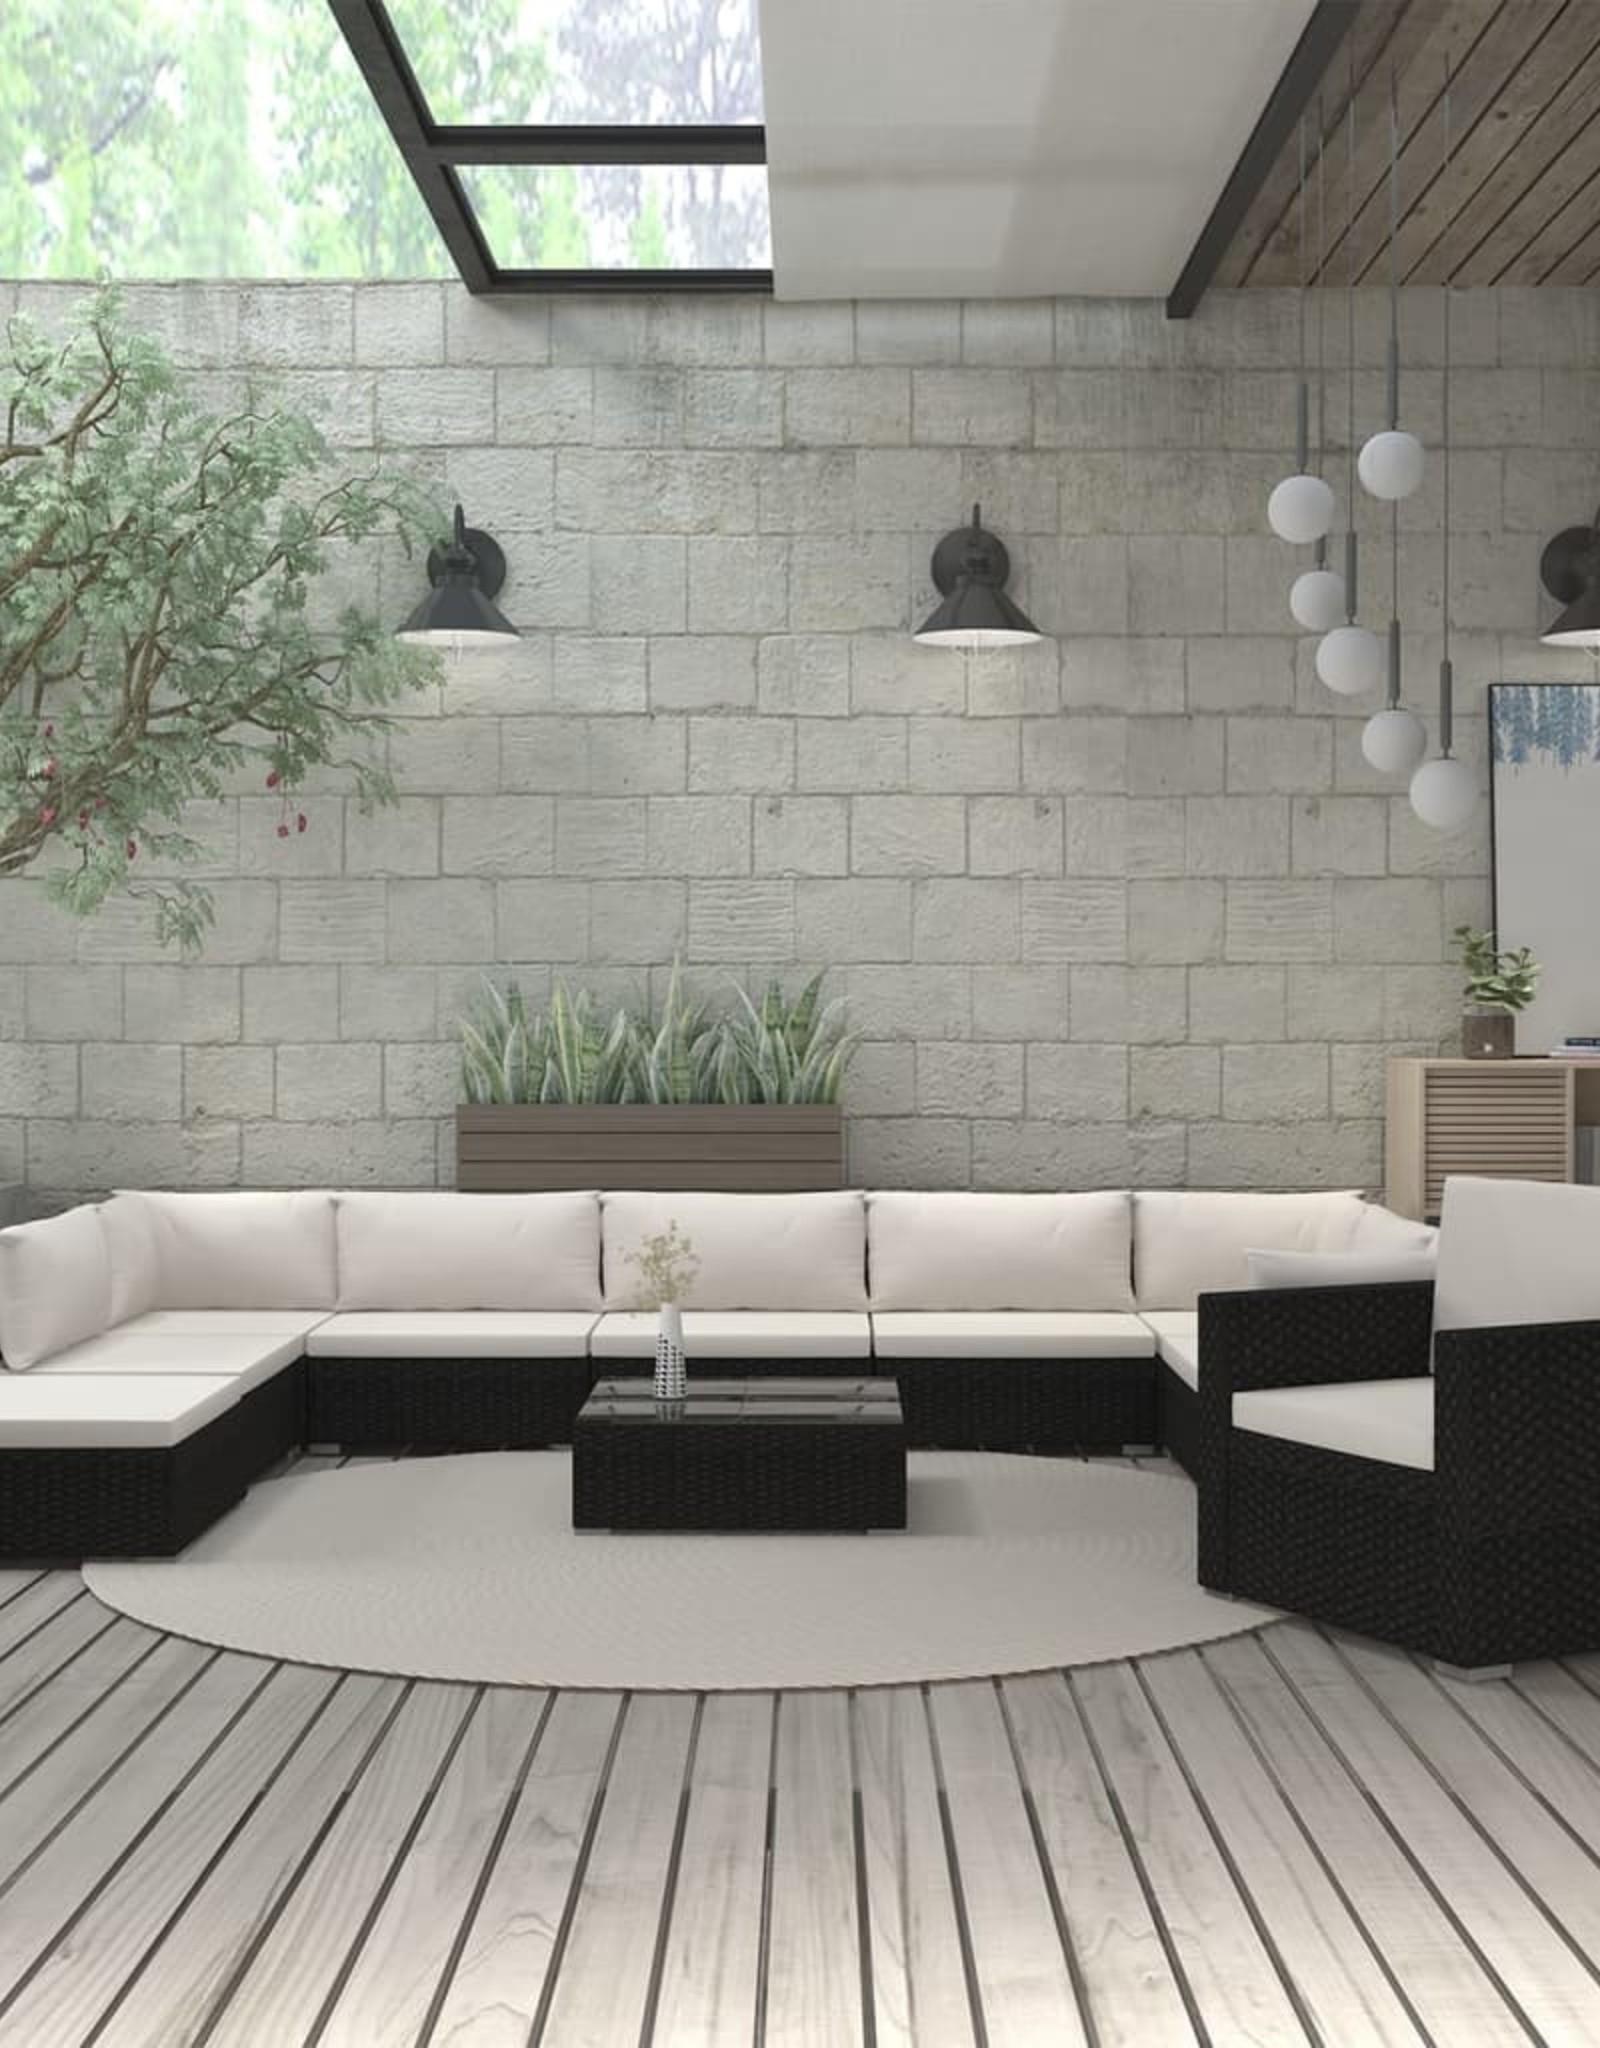 vidaXL 11-delige Loungeset met kussens poly rattan zwart